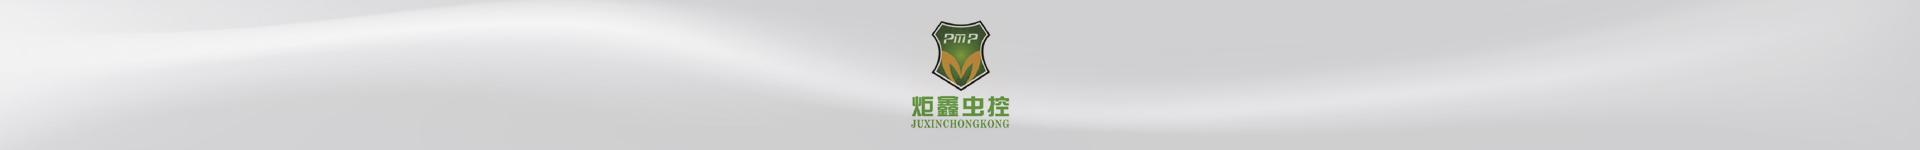 云南炬鑫康利科技服务有限公司